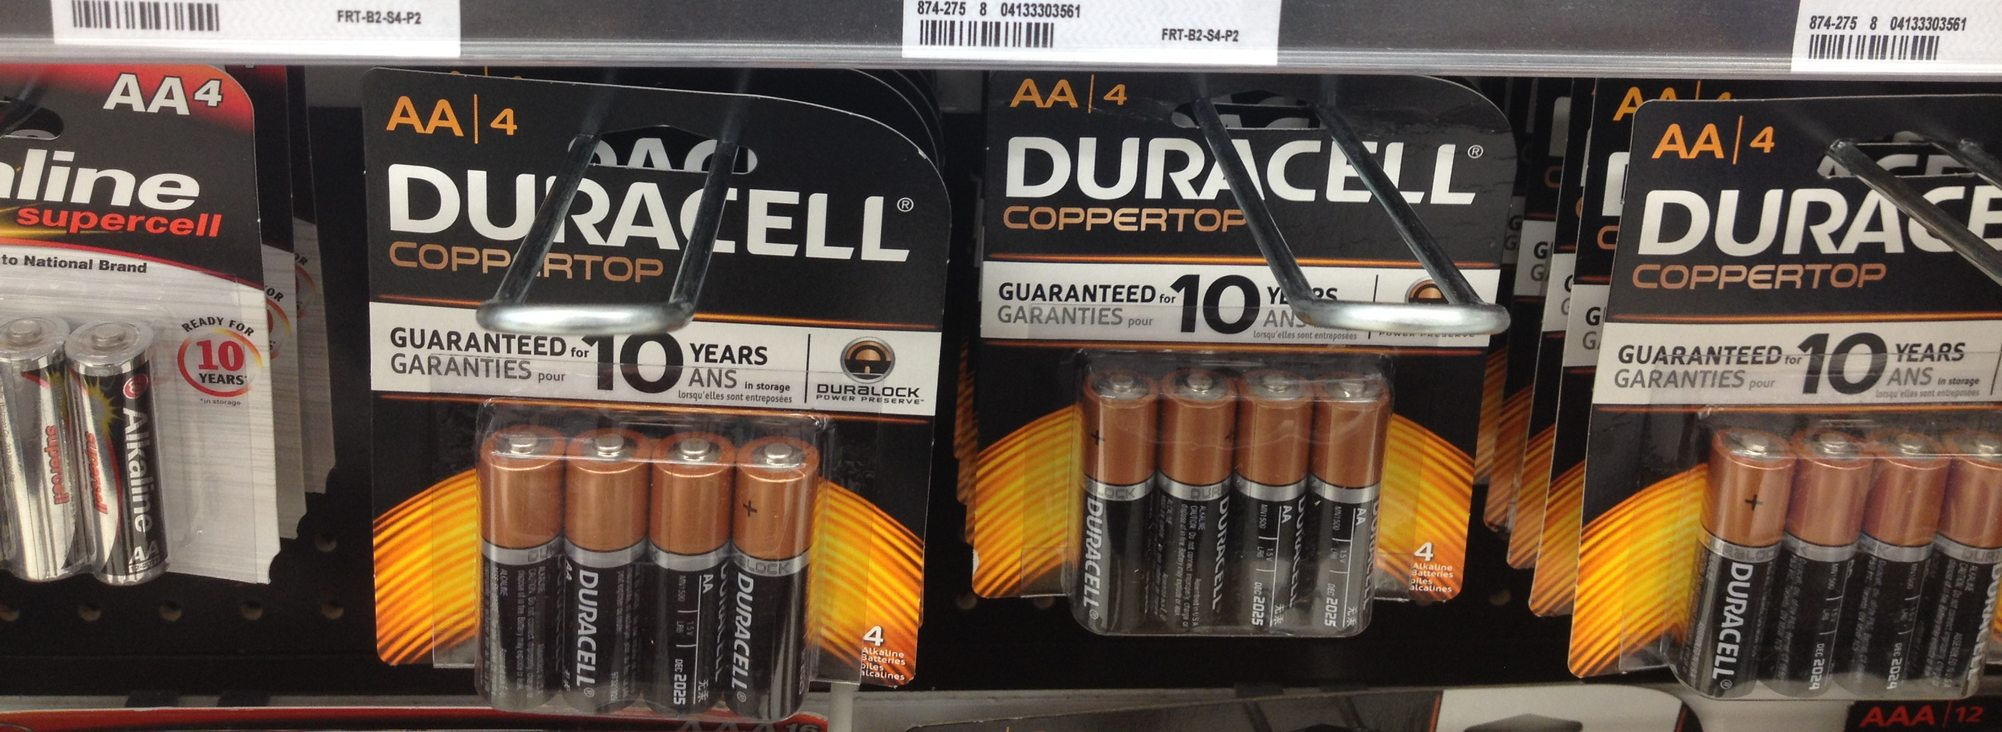 batteries on display racks in a store